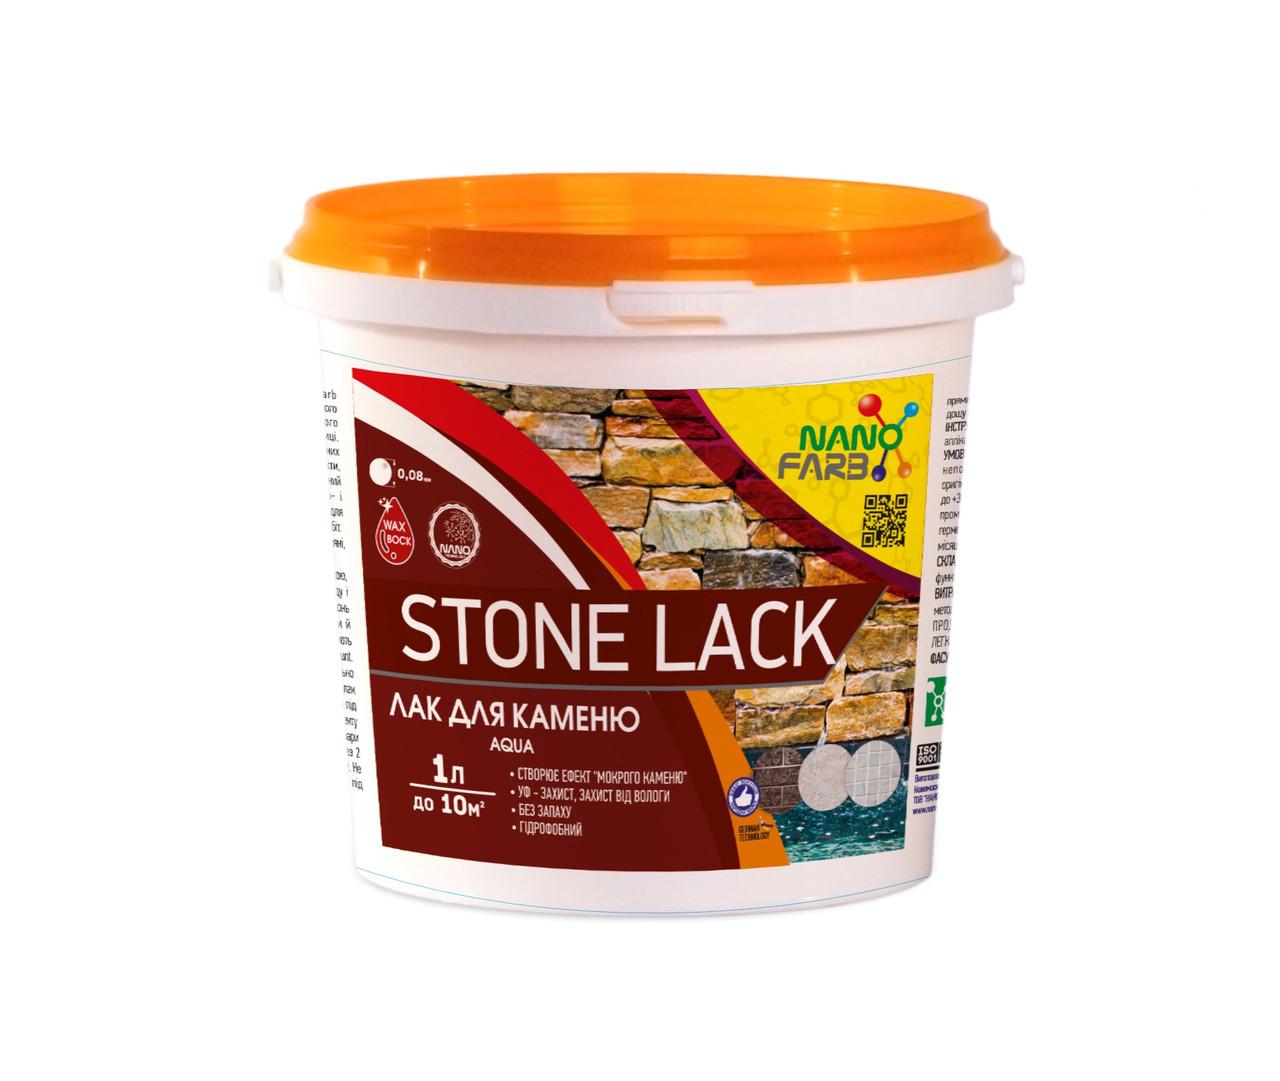 Лак для камня Stone Lack Nano farb 1 л